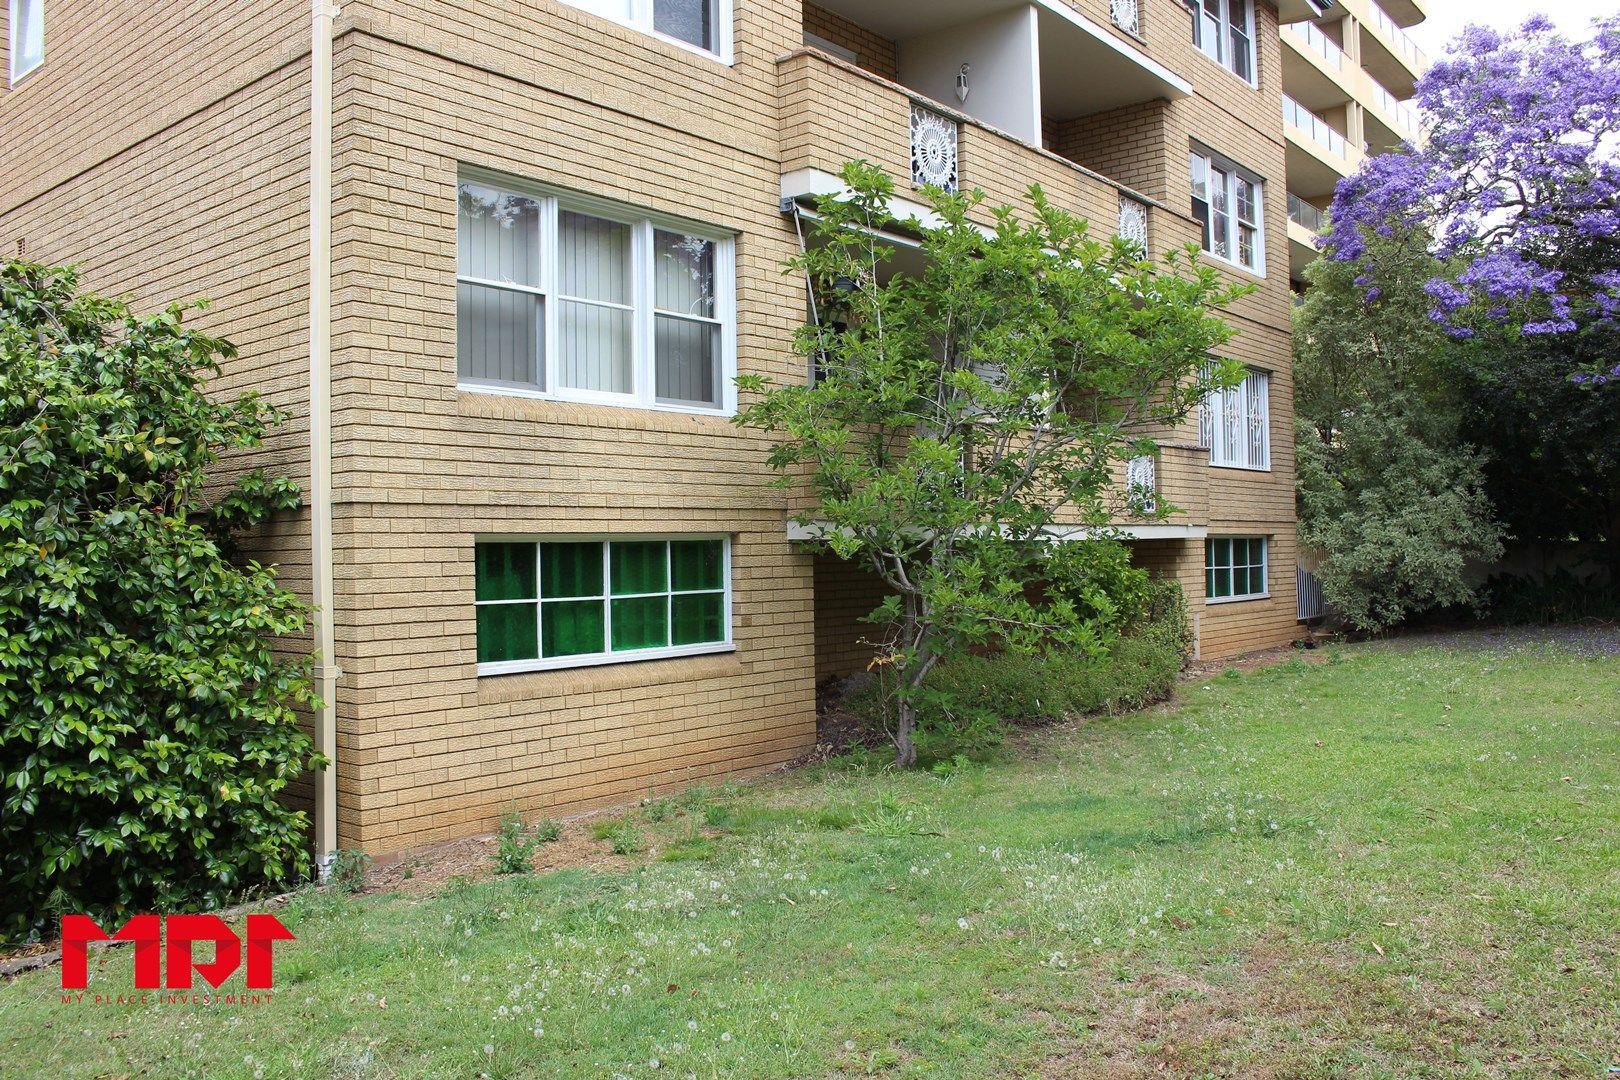 21/22-24 Park Ave, Burwood NSW 2134, Image 0